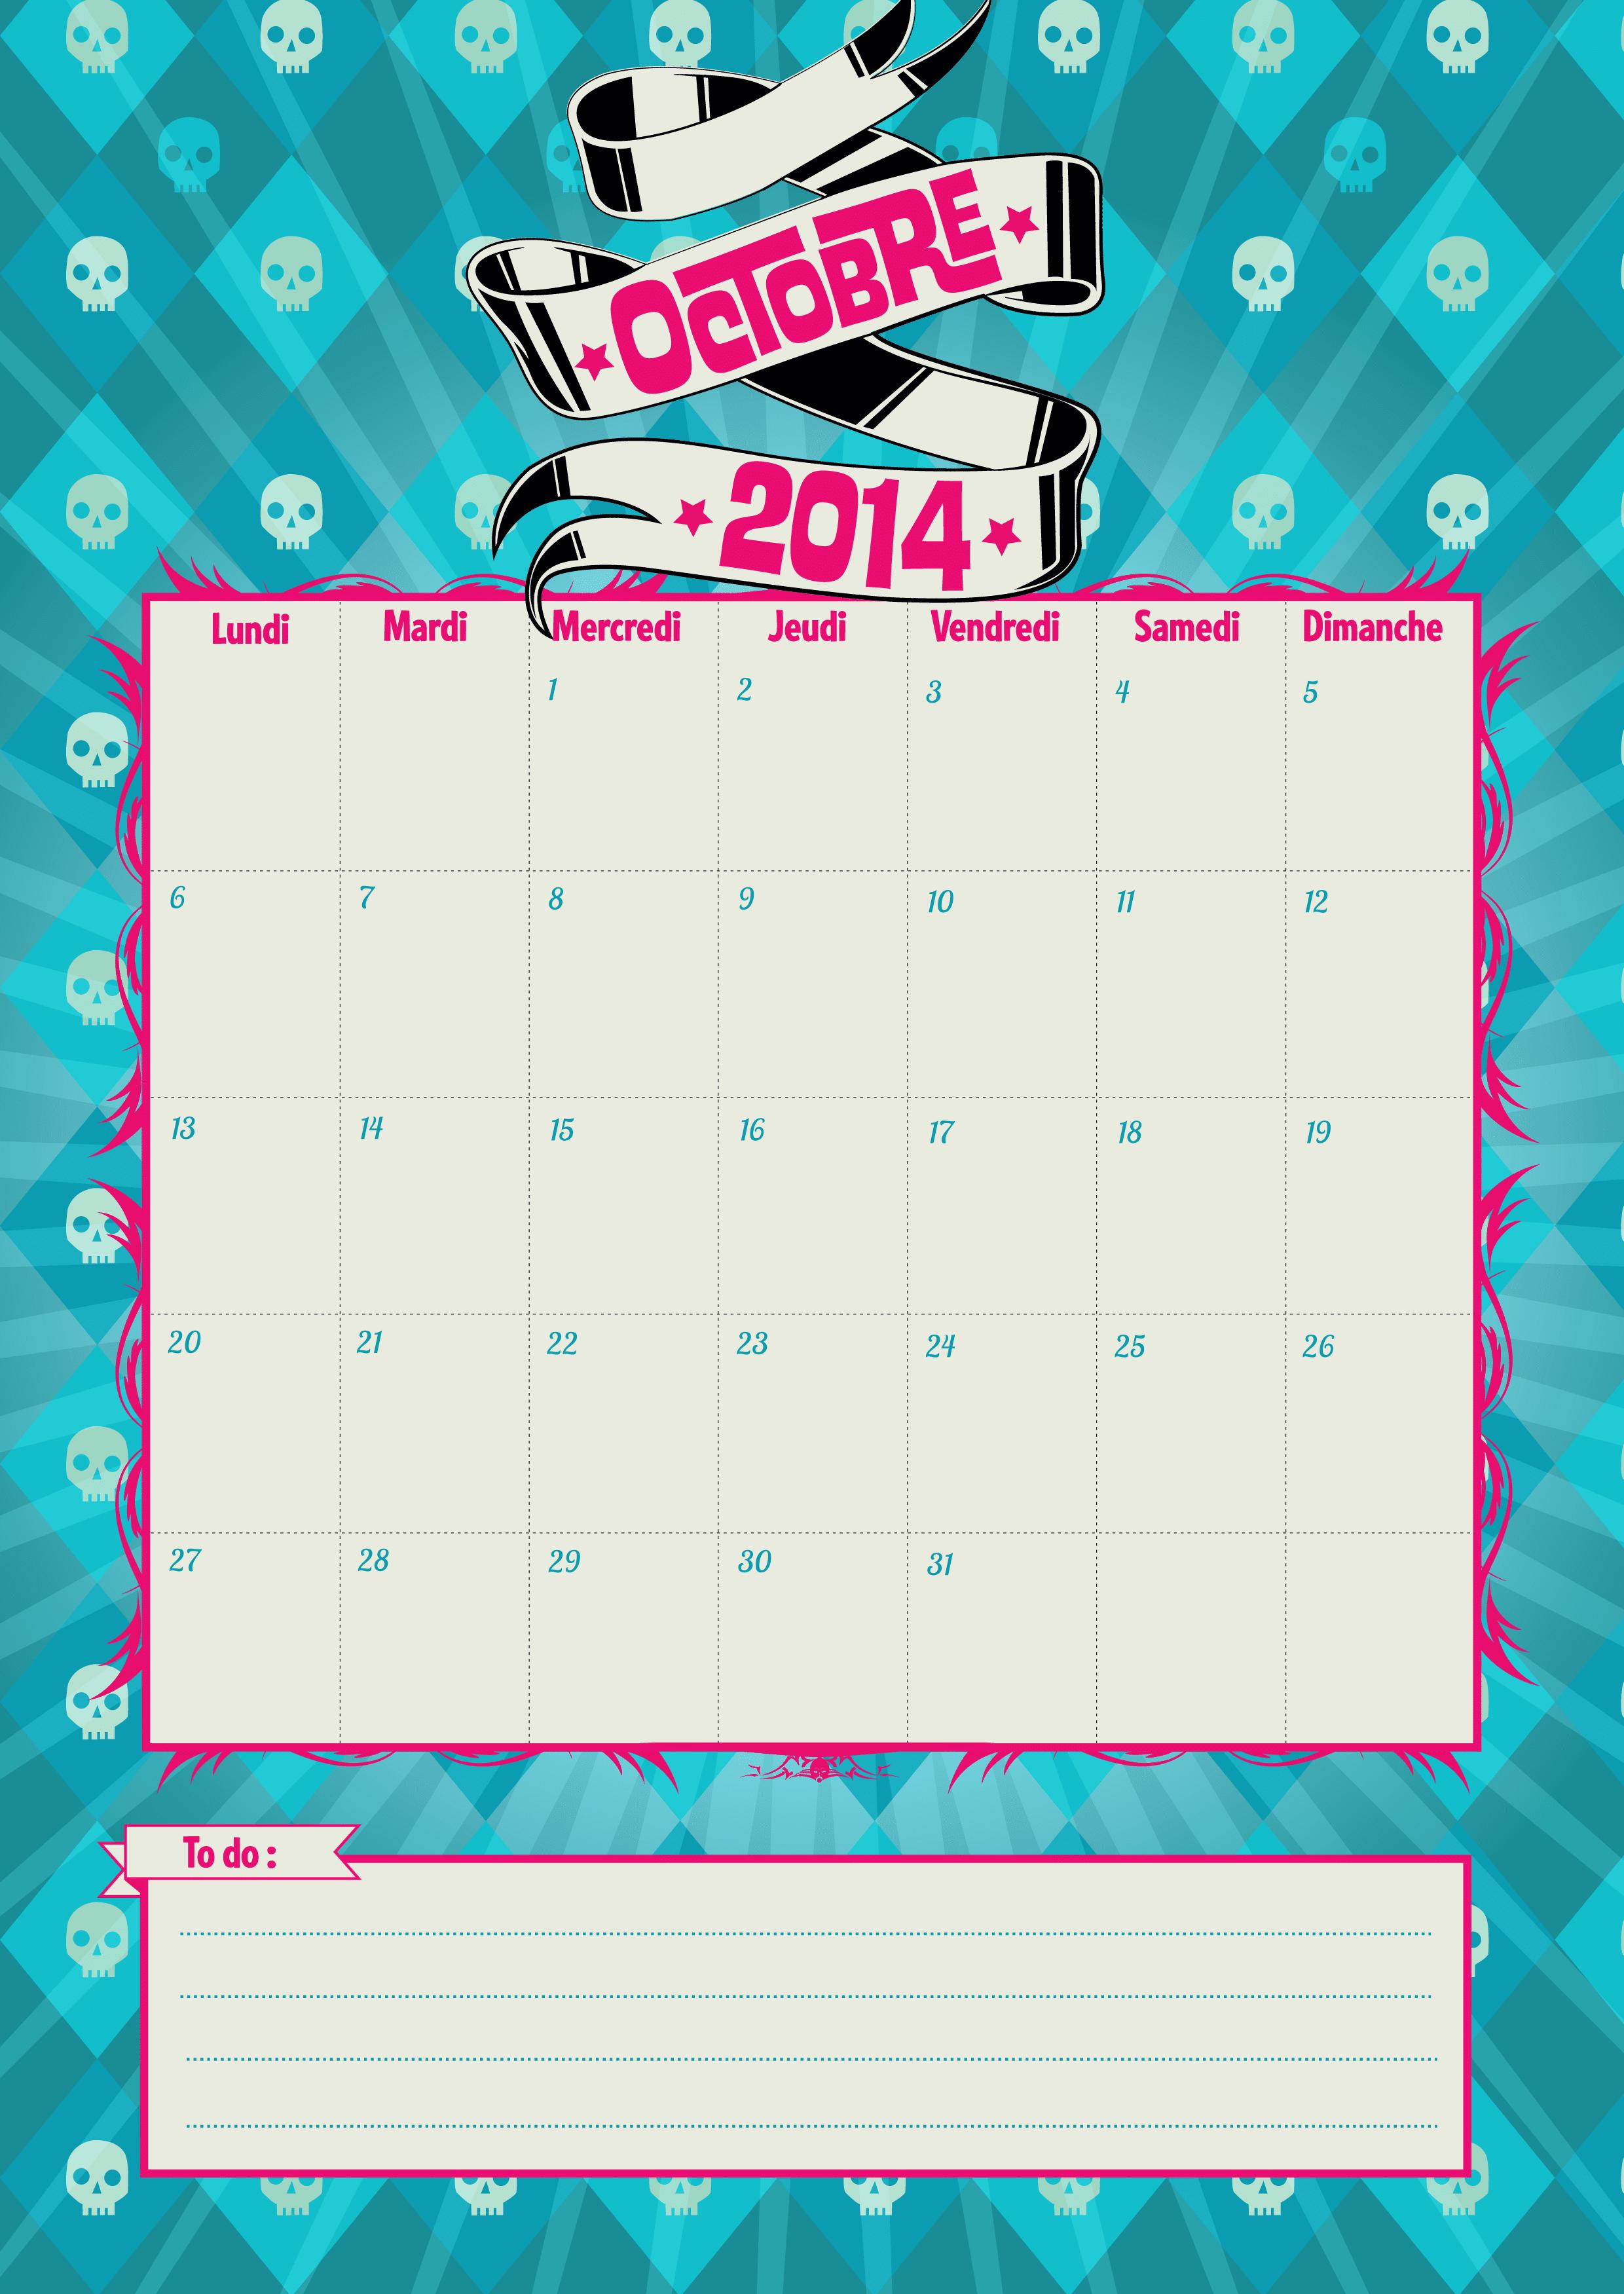 Denton Isd Academic Calendar 2015 | Search Results | Calendar 2015